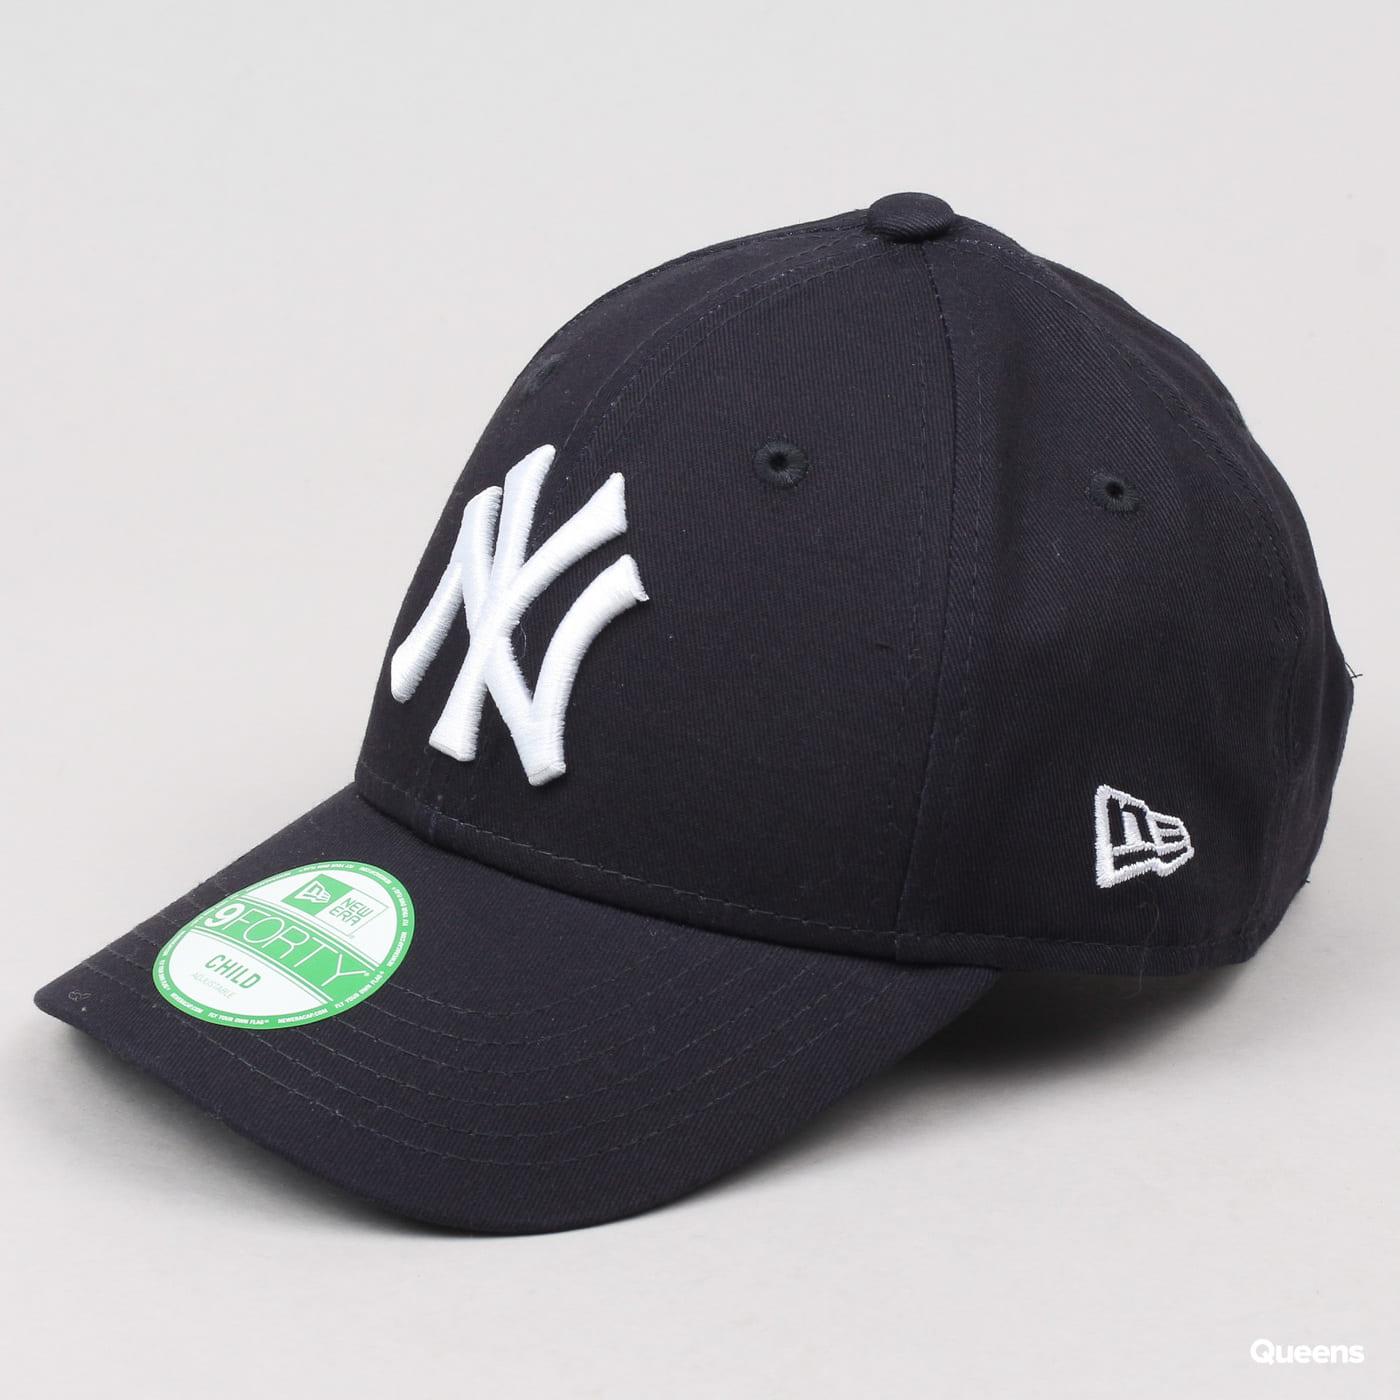 New Era Child 940K MLB League NY C/O navy